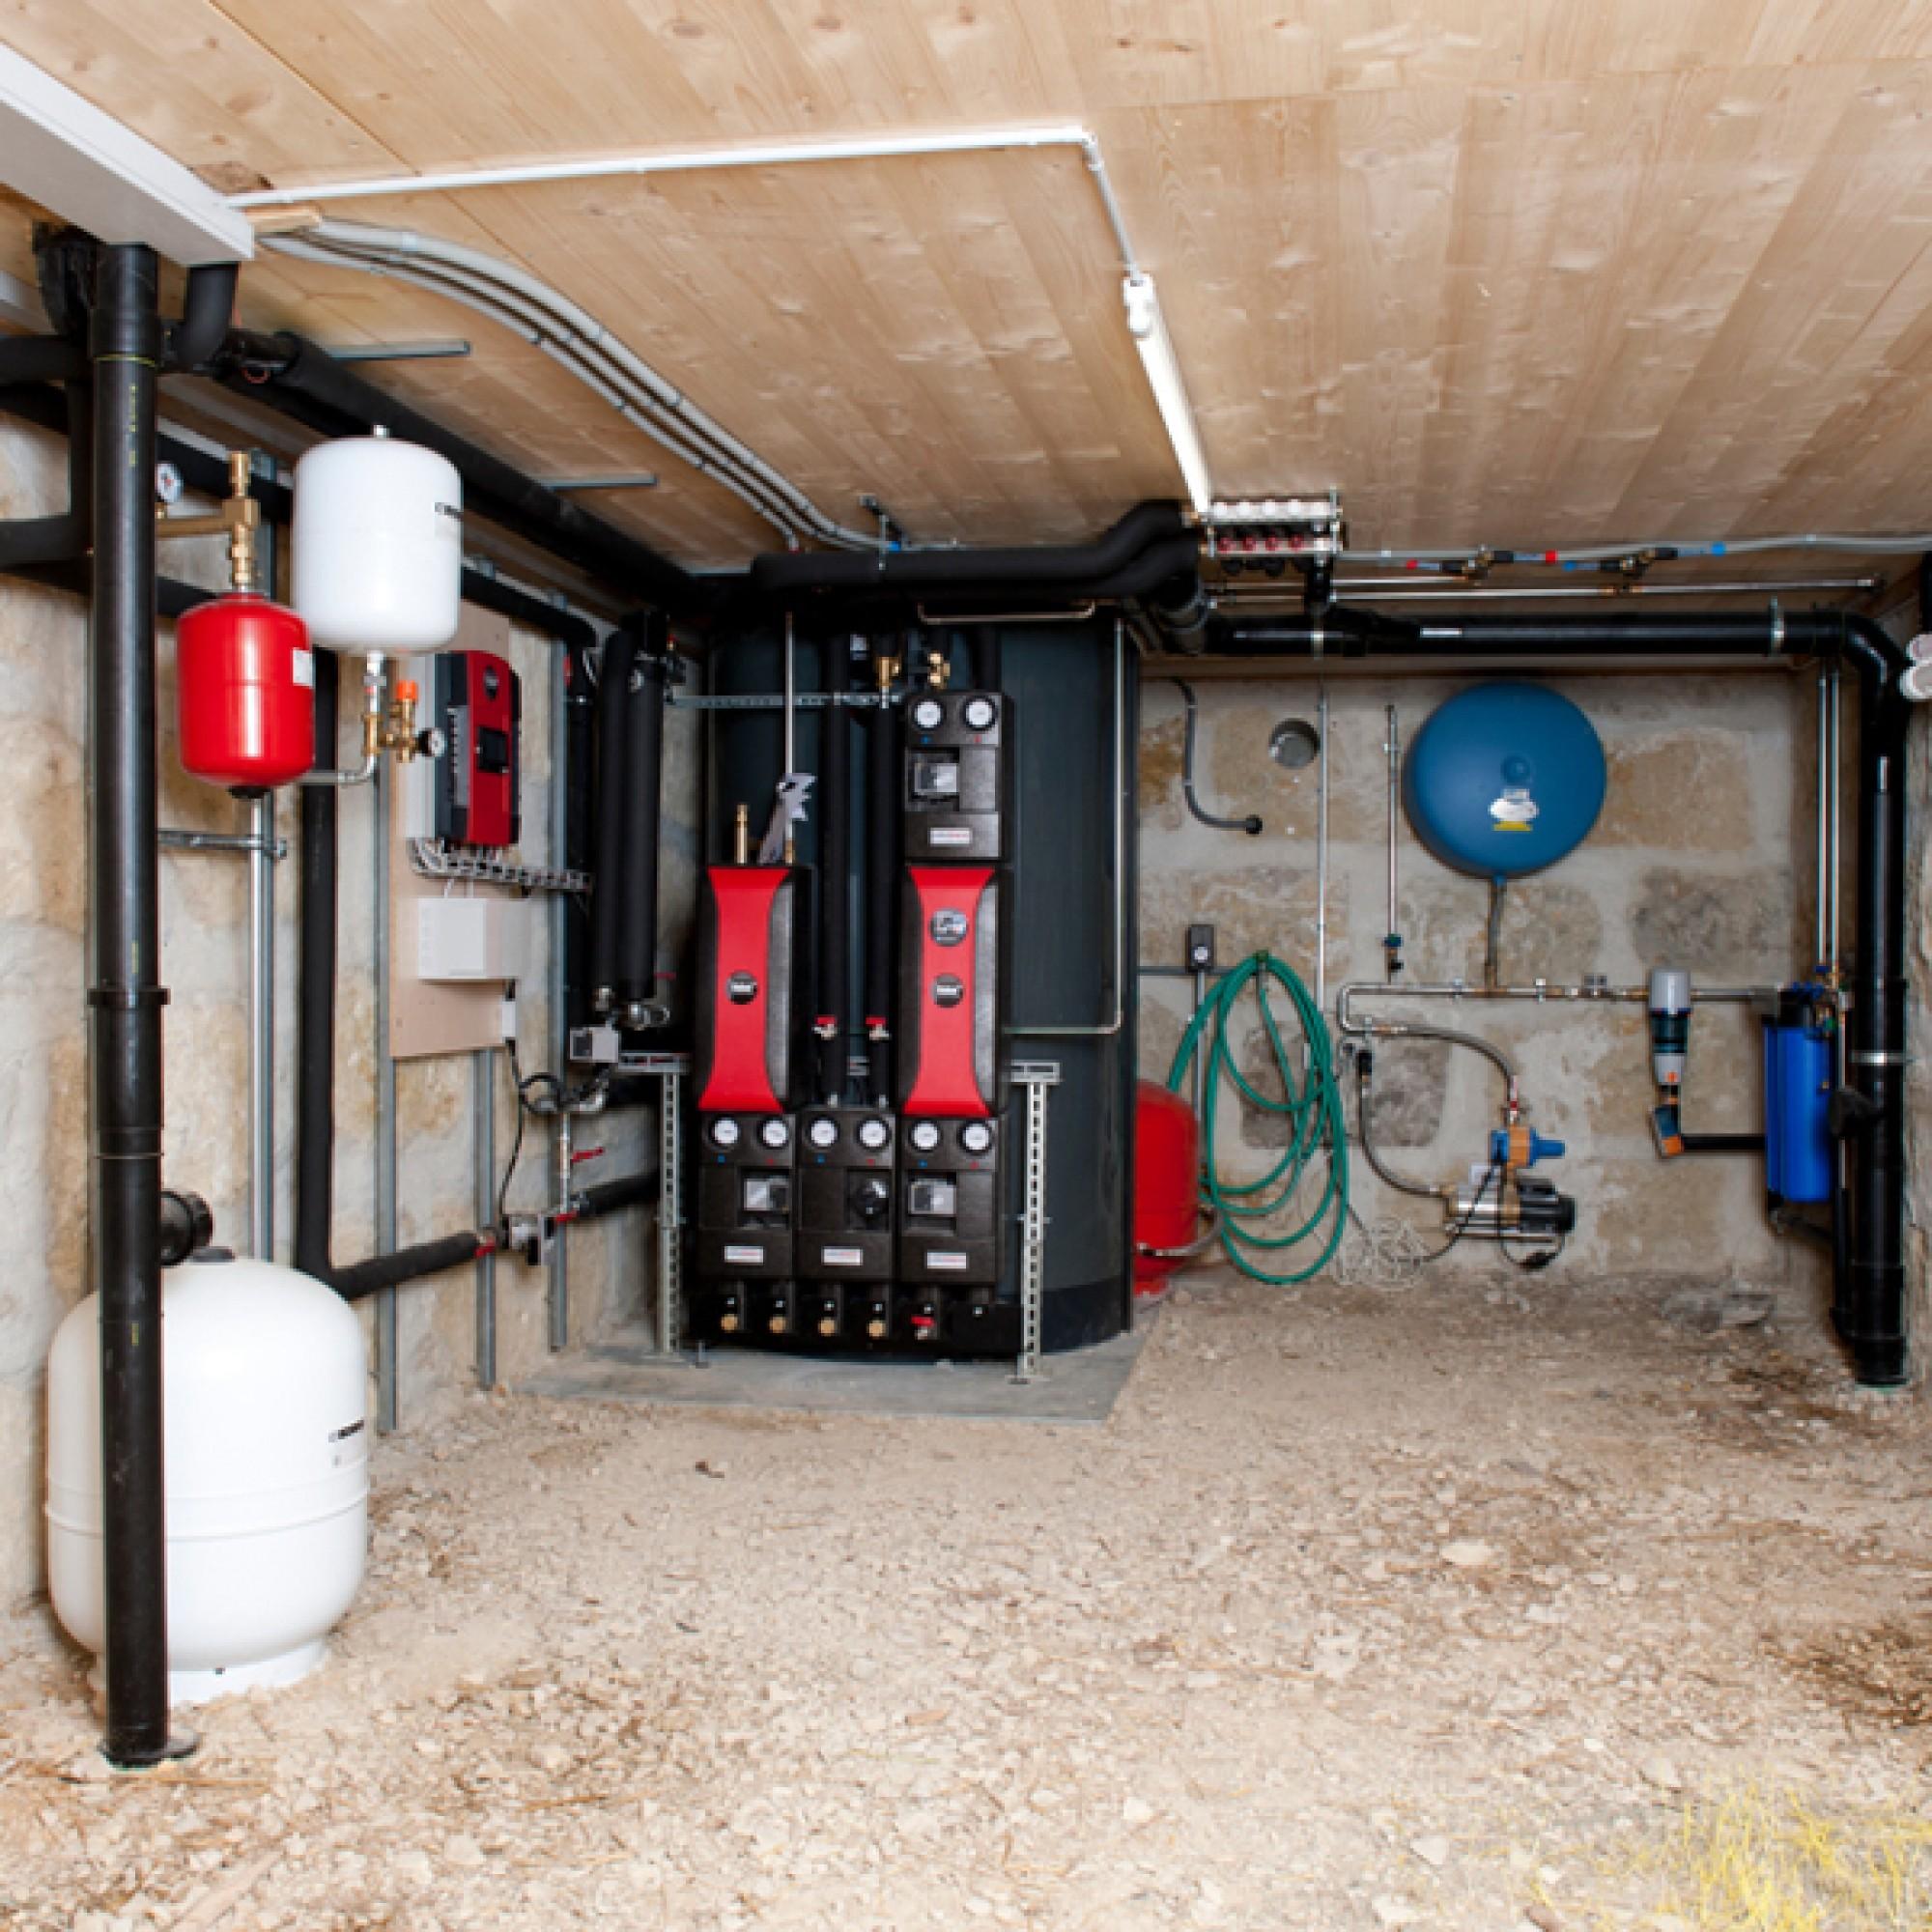 Der Schichtenspeicher für Heizung und Warmwasser im Keller (Bilder zvg)